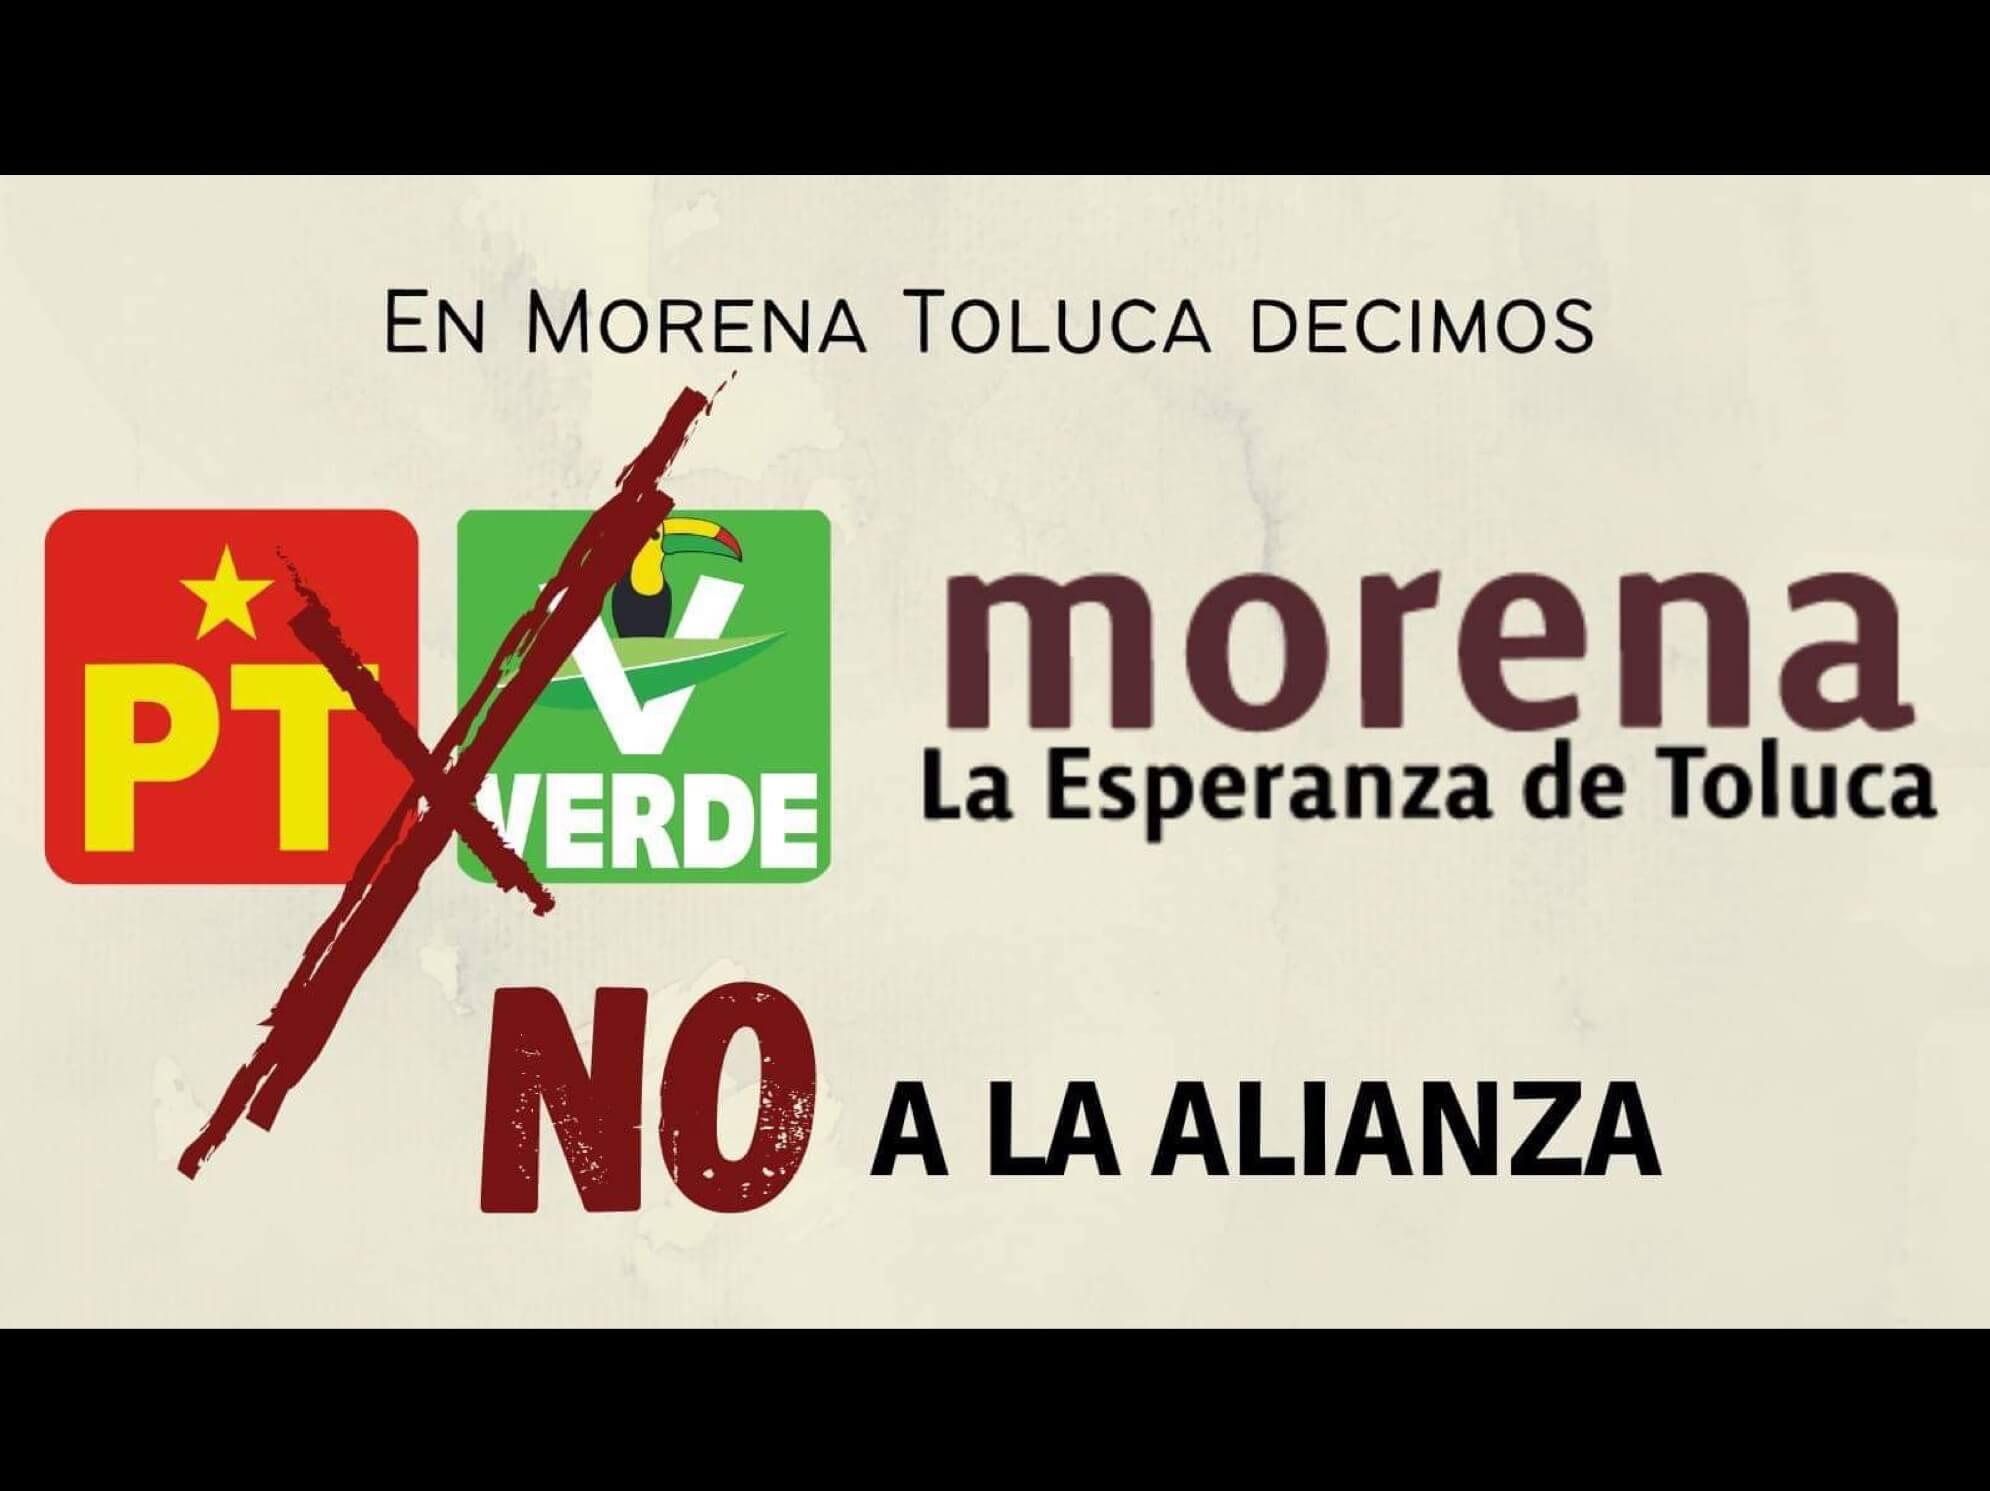 """Desdeñan alianza por Toluca, no abona a la """"4 T"""", sostienen"""